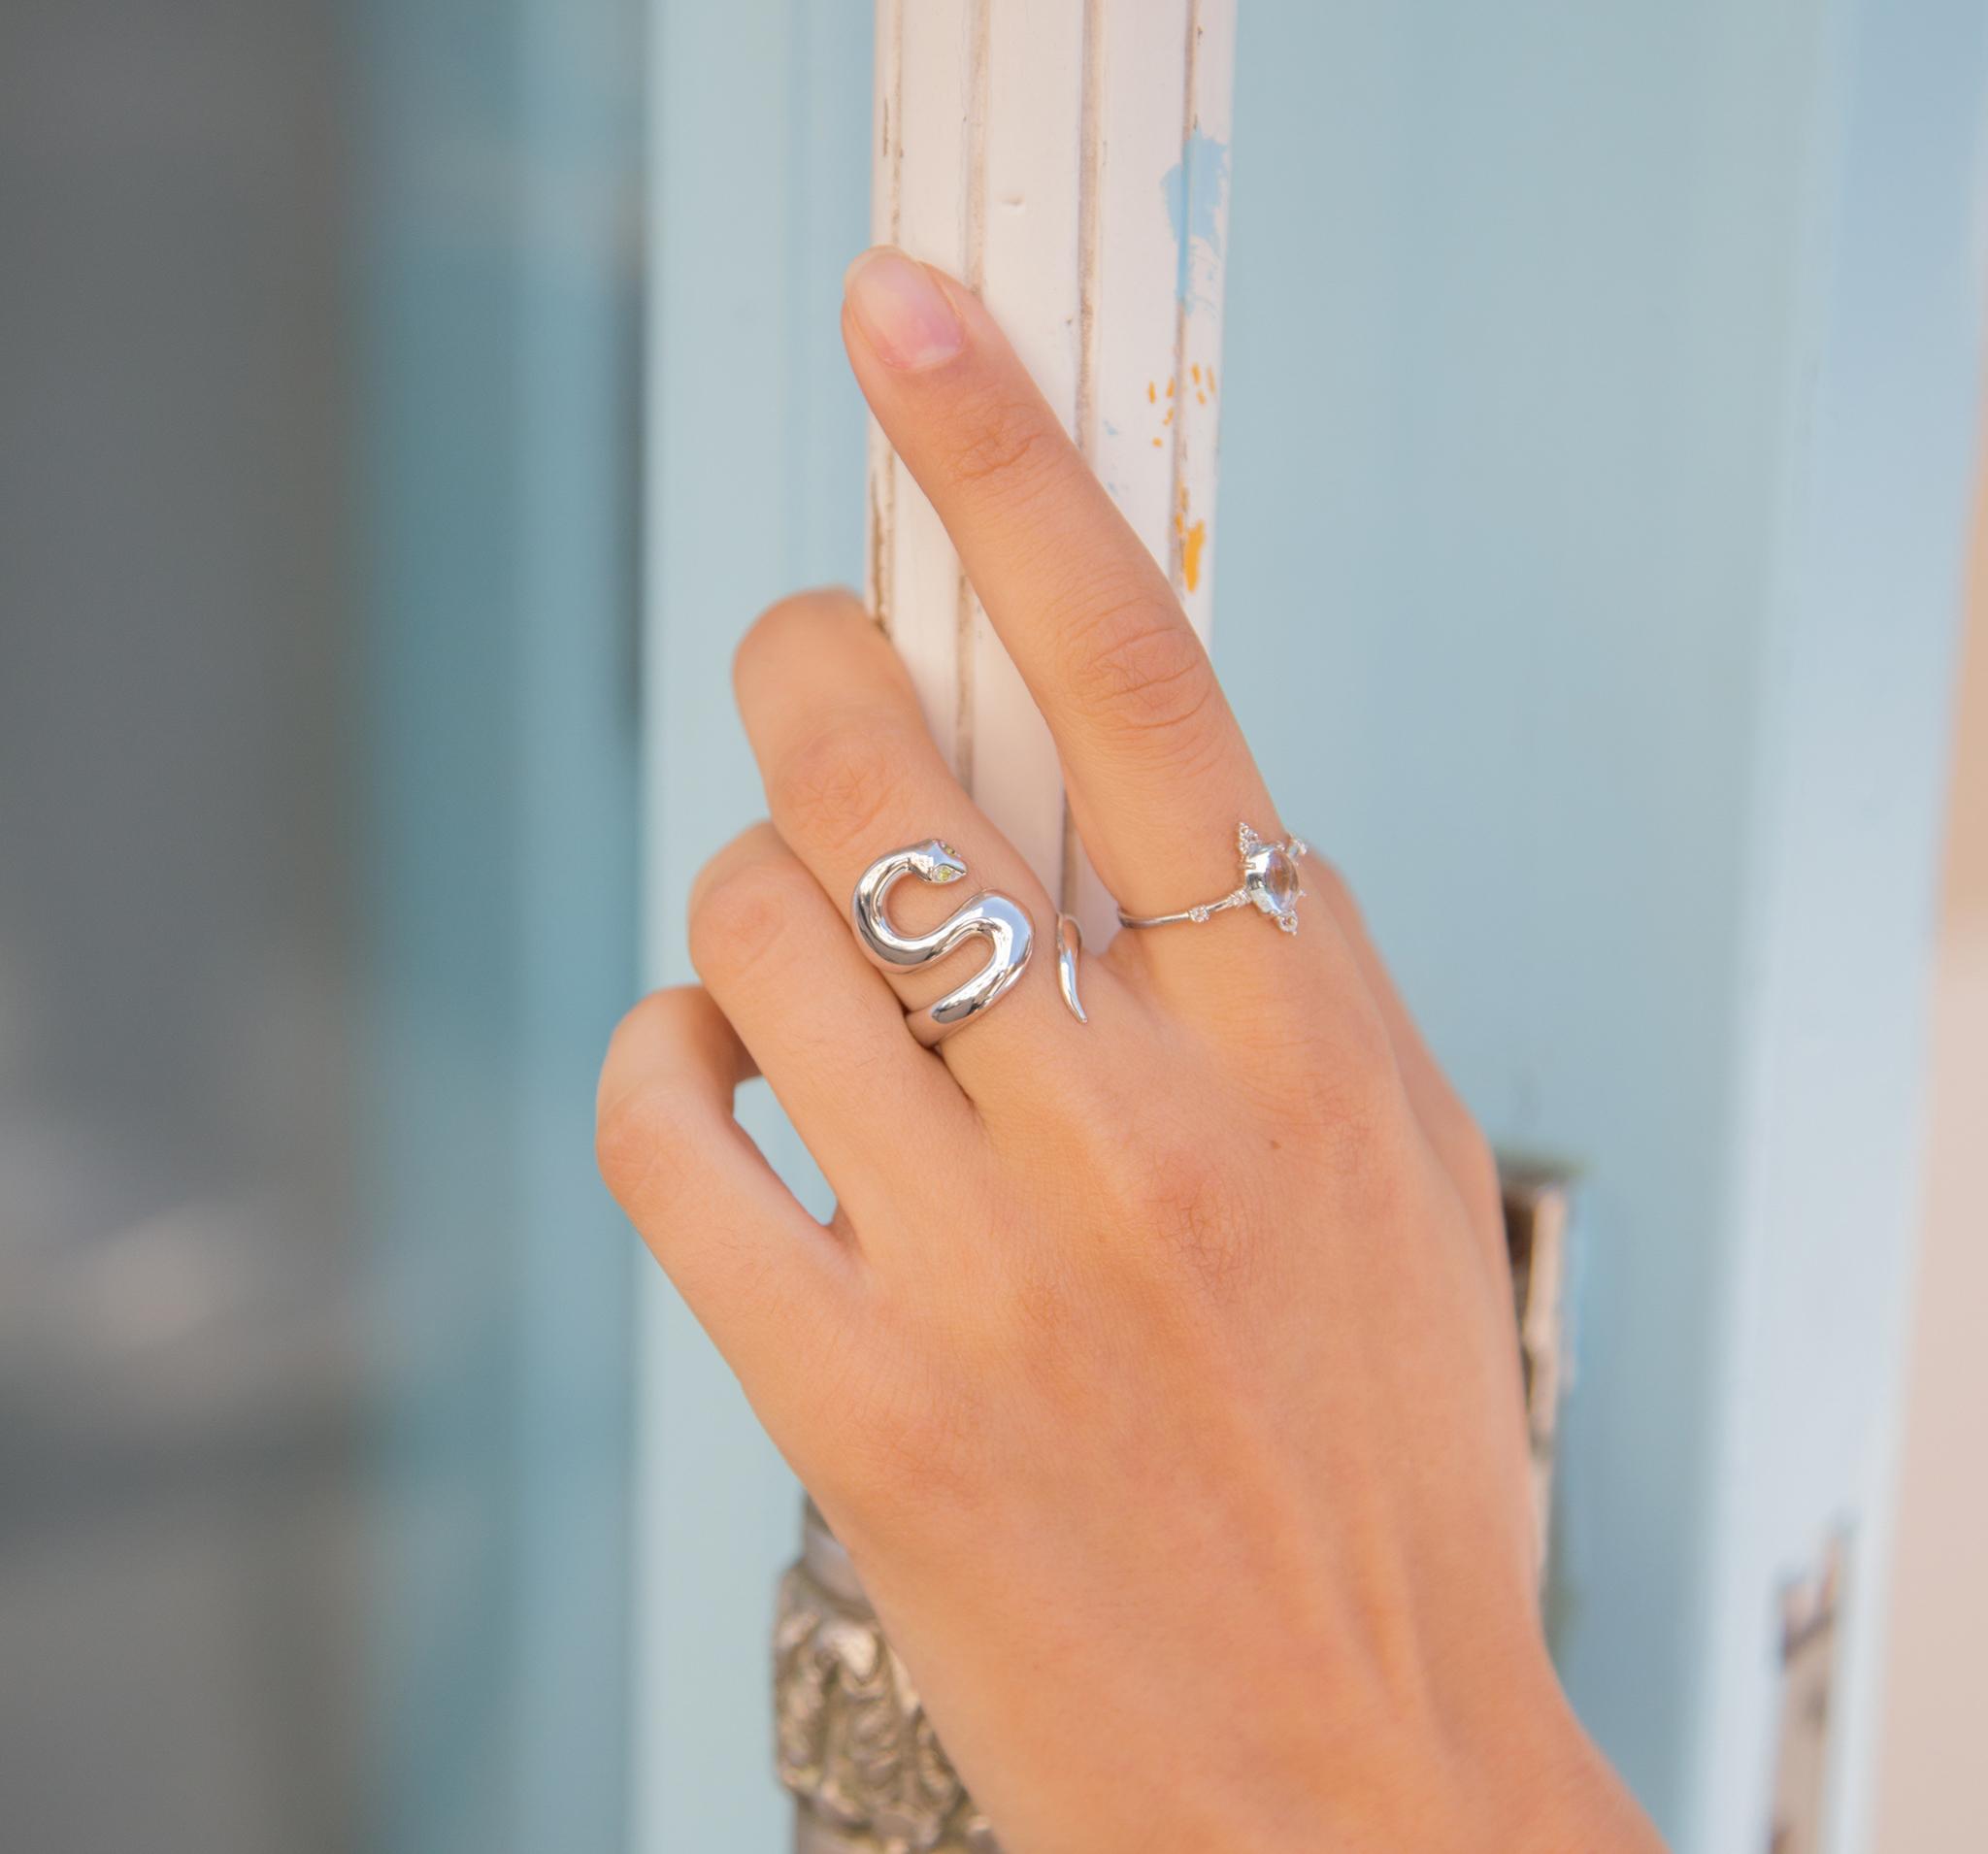 Кольцо из серебра, покрыто родием и кабошоном натурального голубого топаза